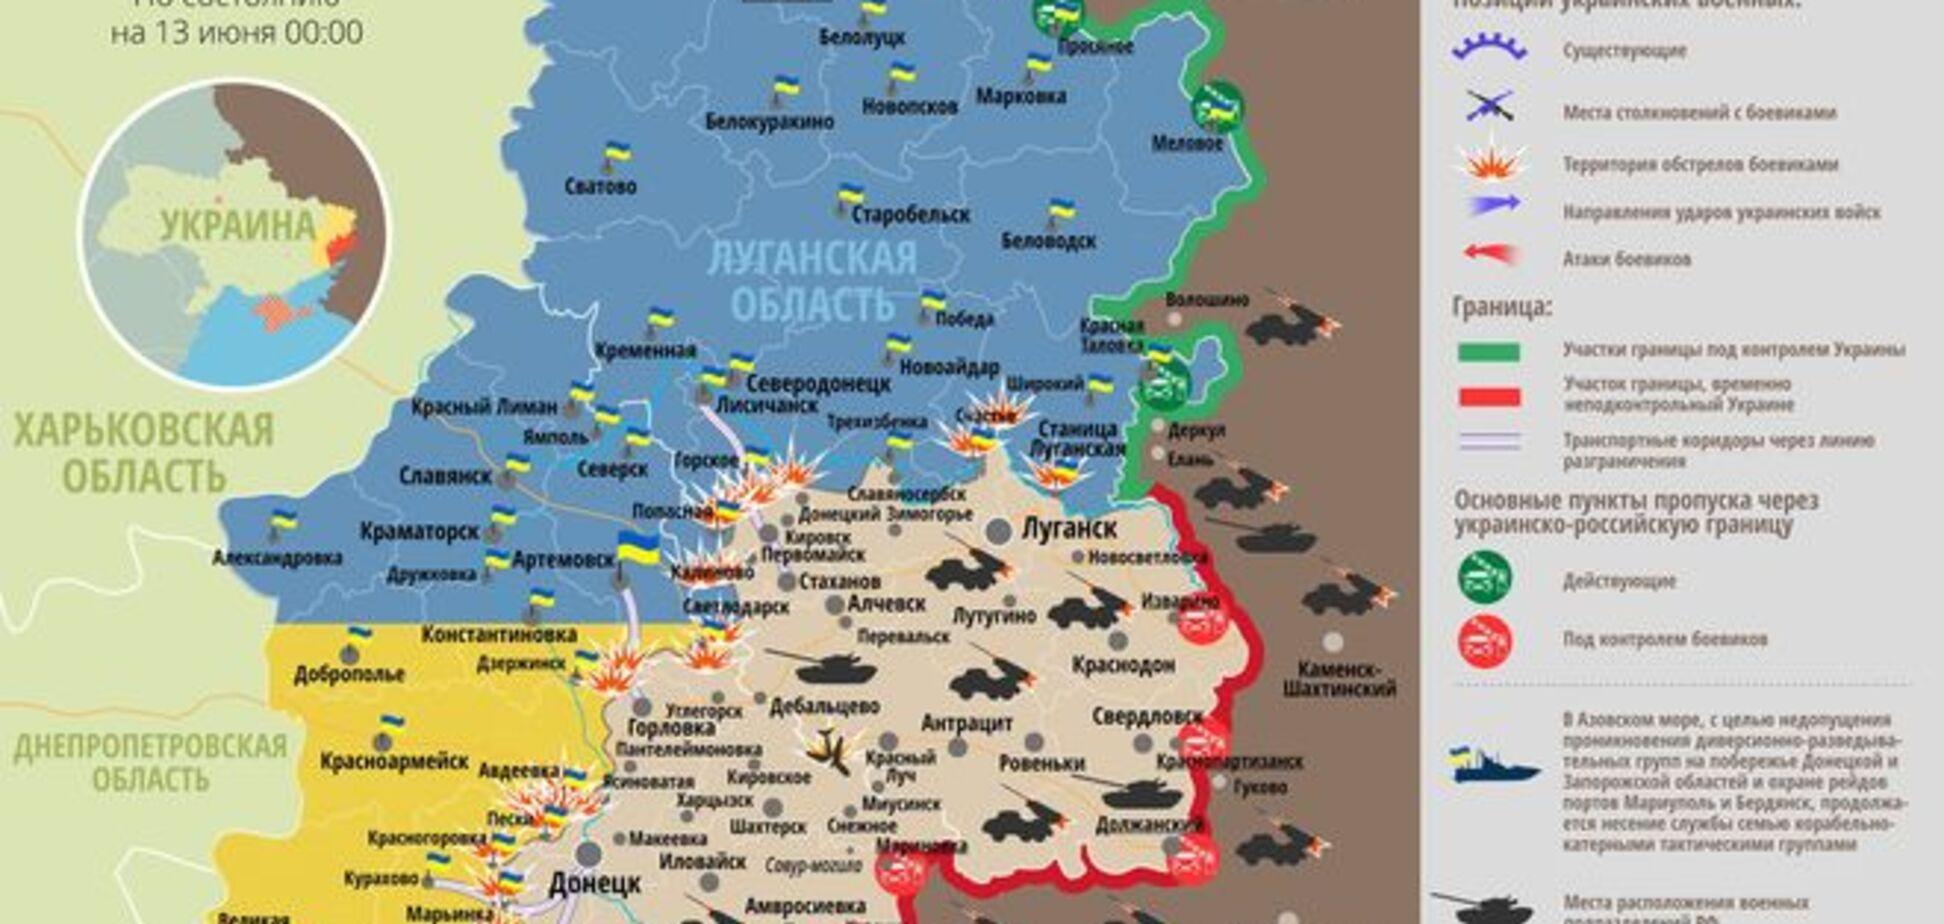 Террористы на Донбассе обстреляли линию соприкосновения: карта АТО